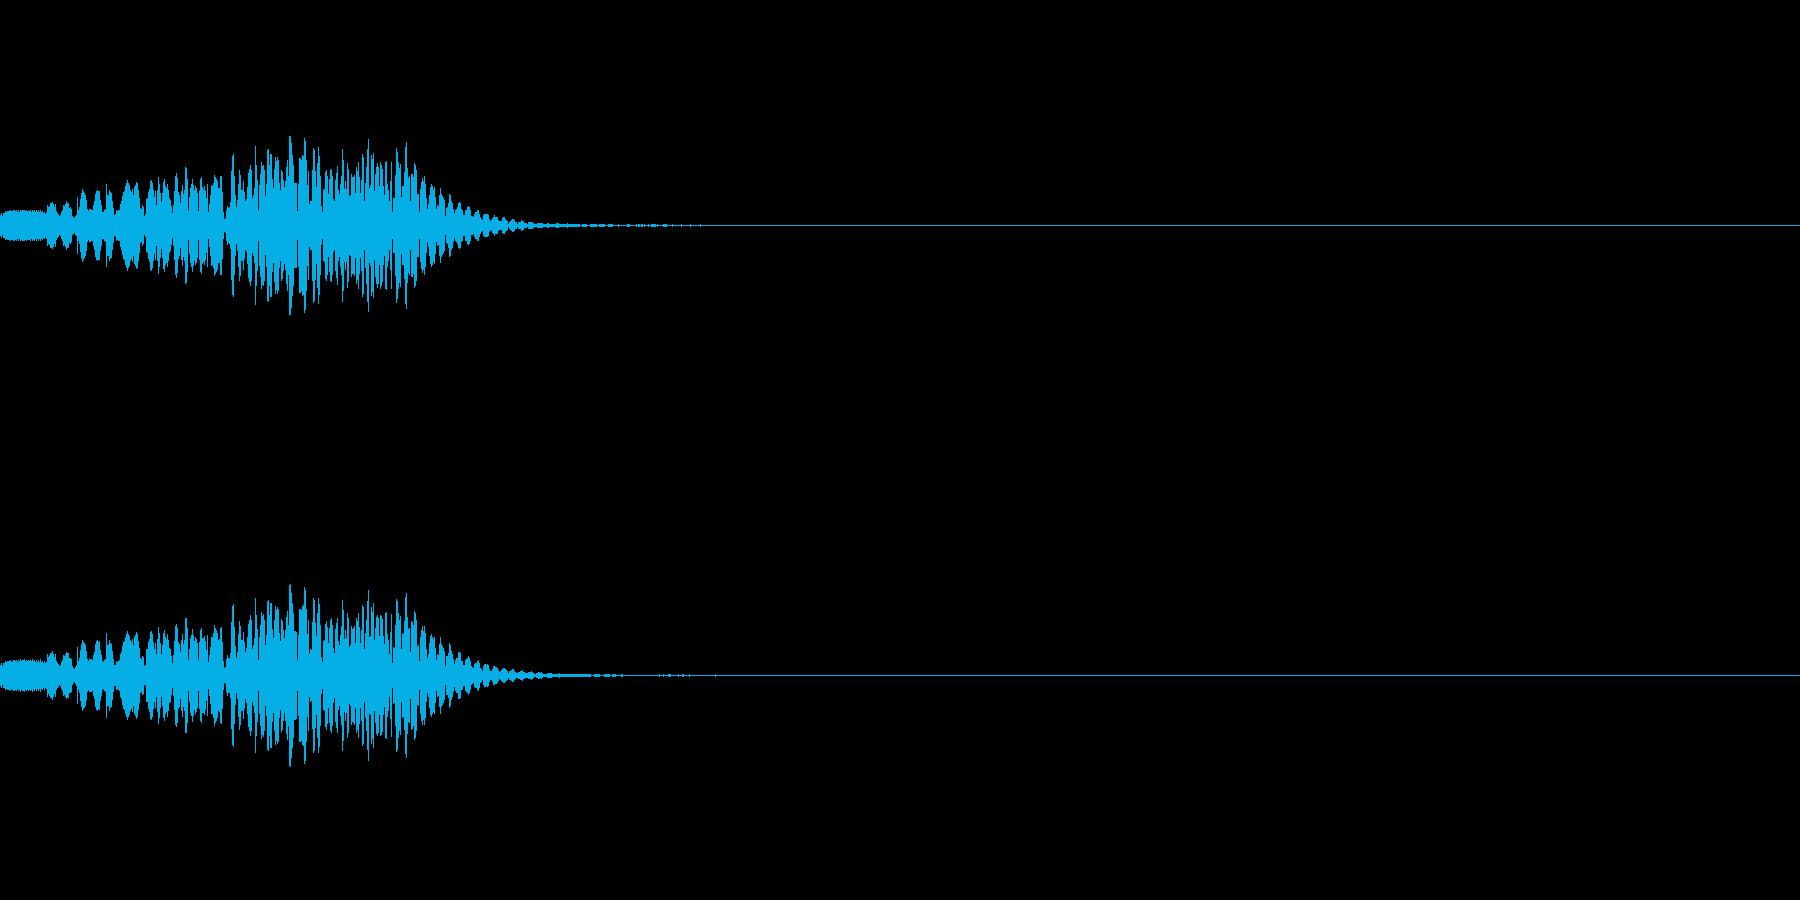 マリンバ(木琴)のグリッサンド音です。の再生済みの波形